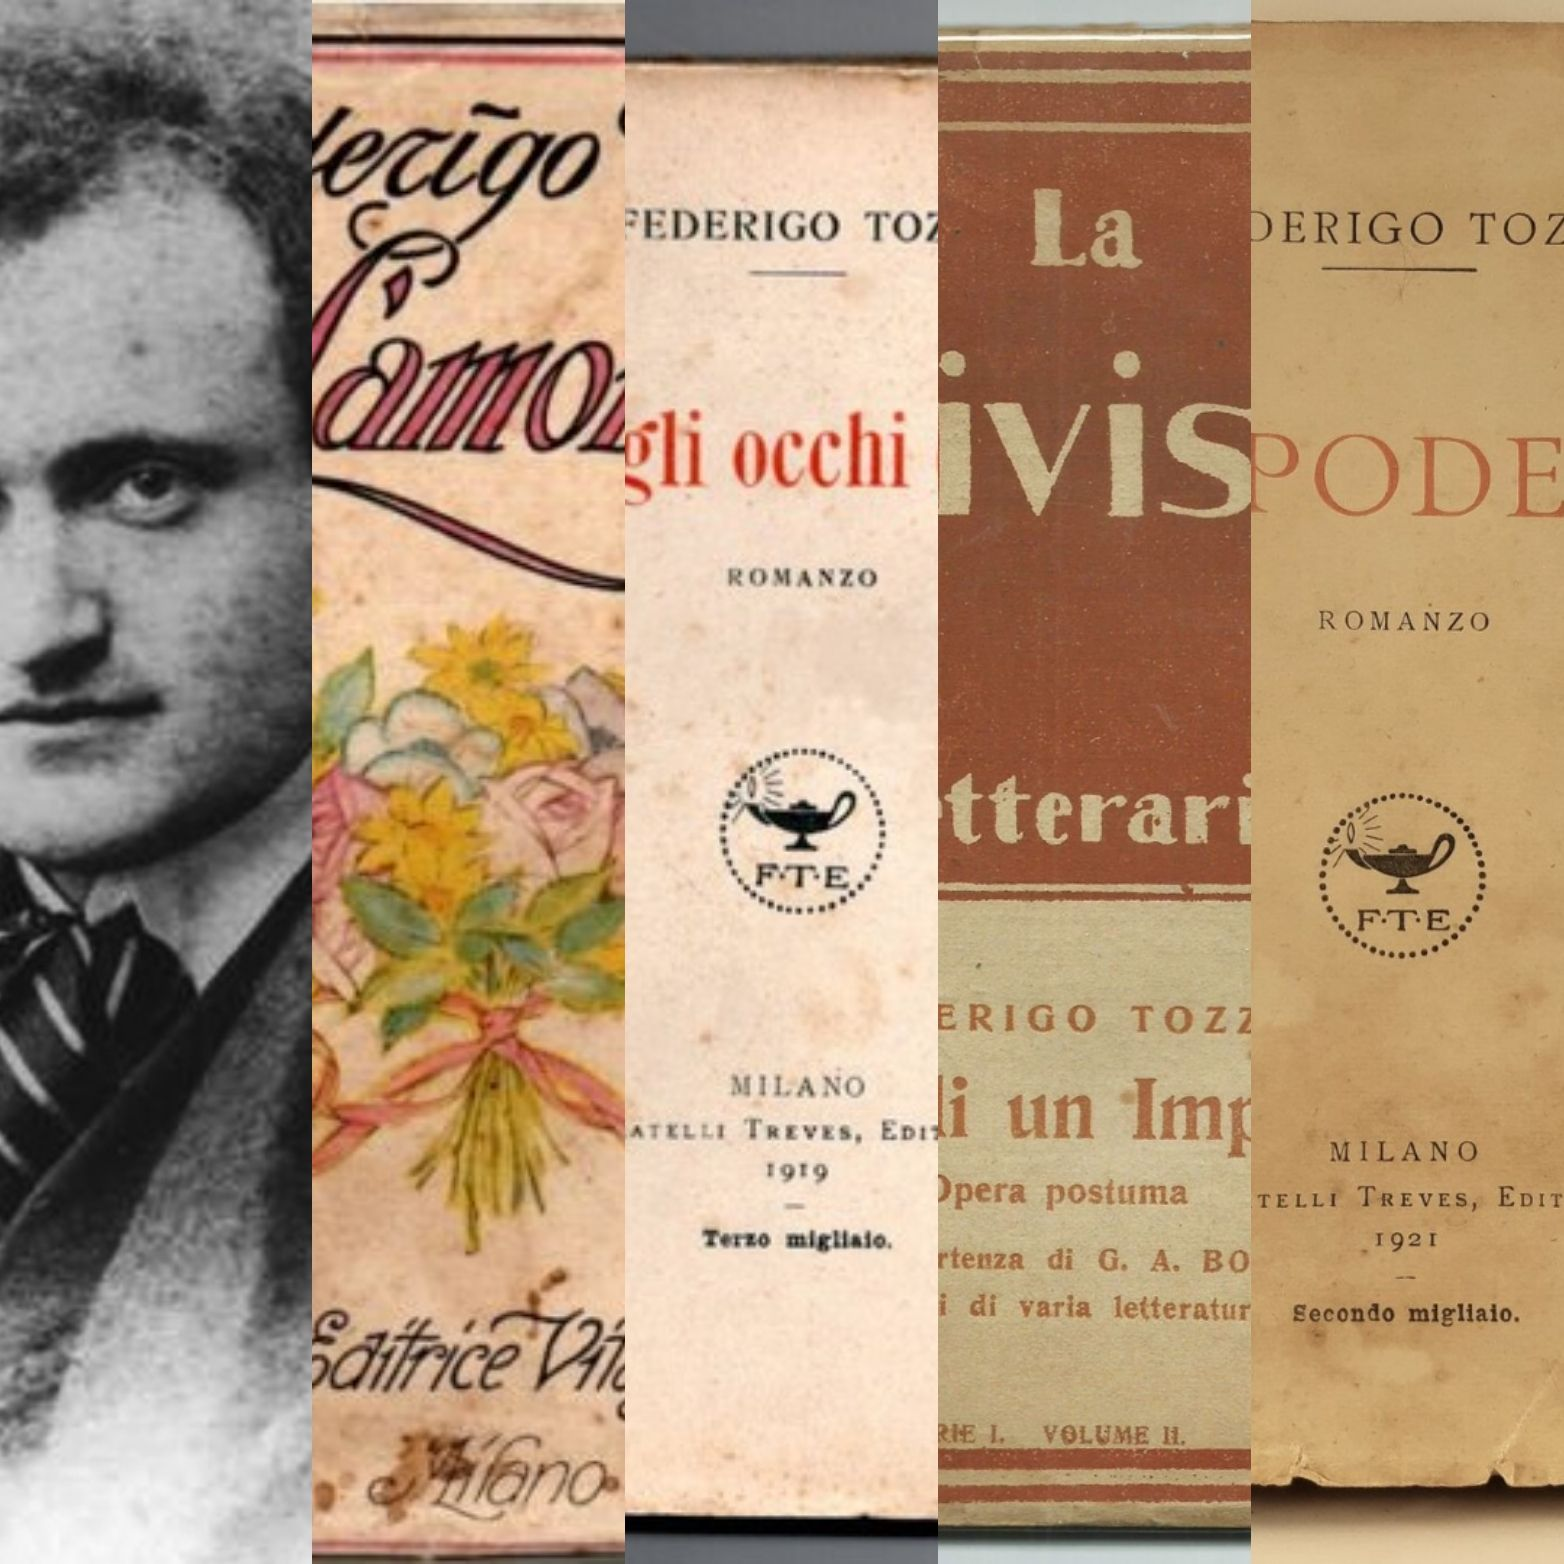 Cento anni fa moriva Federigo Tozzi, uno dei più grandi narratori del Novecento: i libri